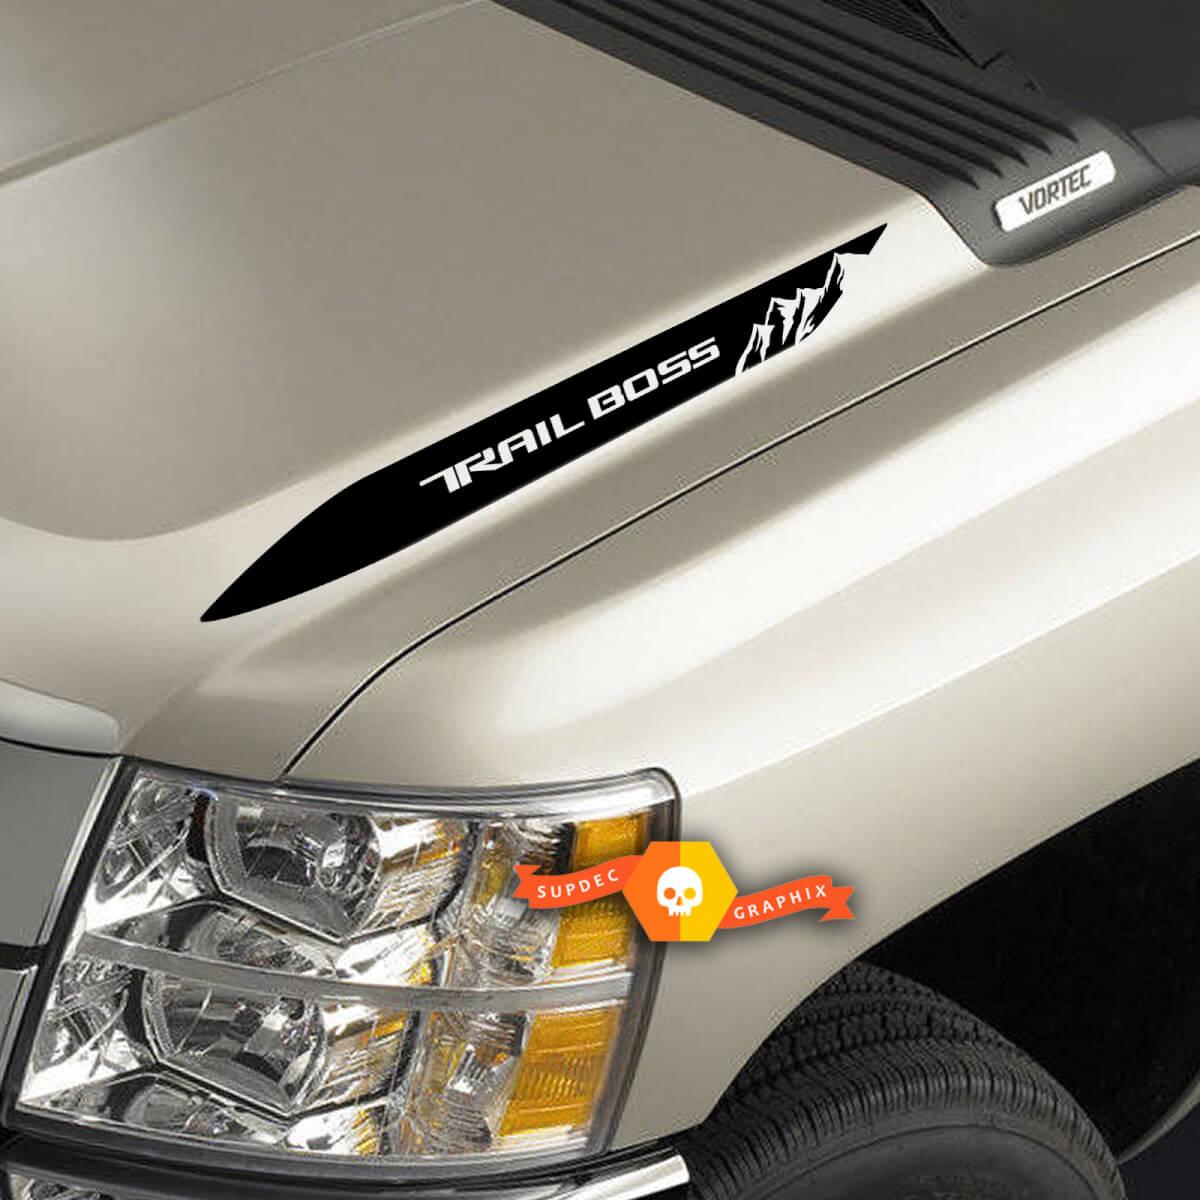 2019 2020 Chevy Silverado 1500 BERG Trail Boss Hood Spear Aufkleber Aufkleber Set von